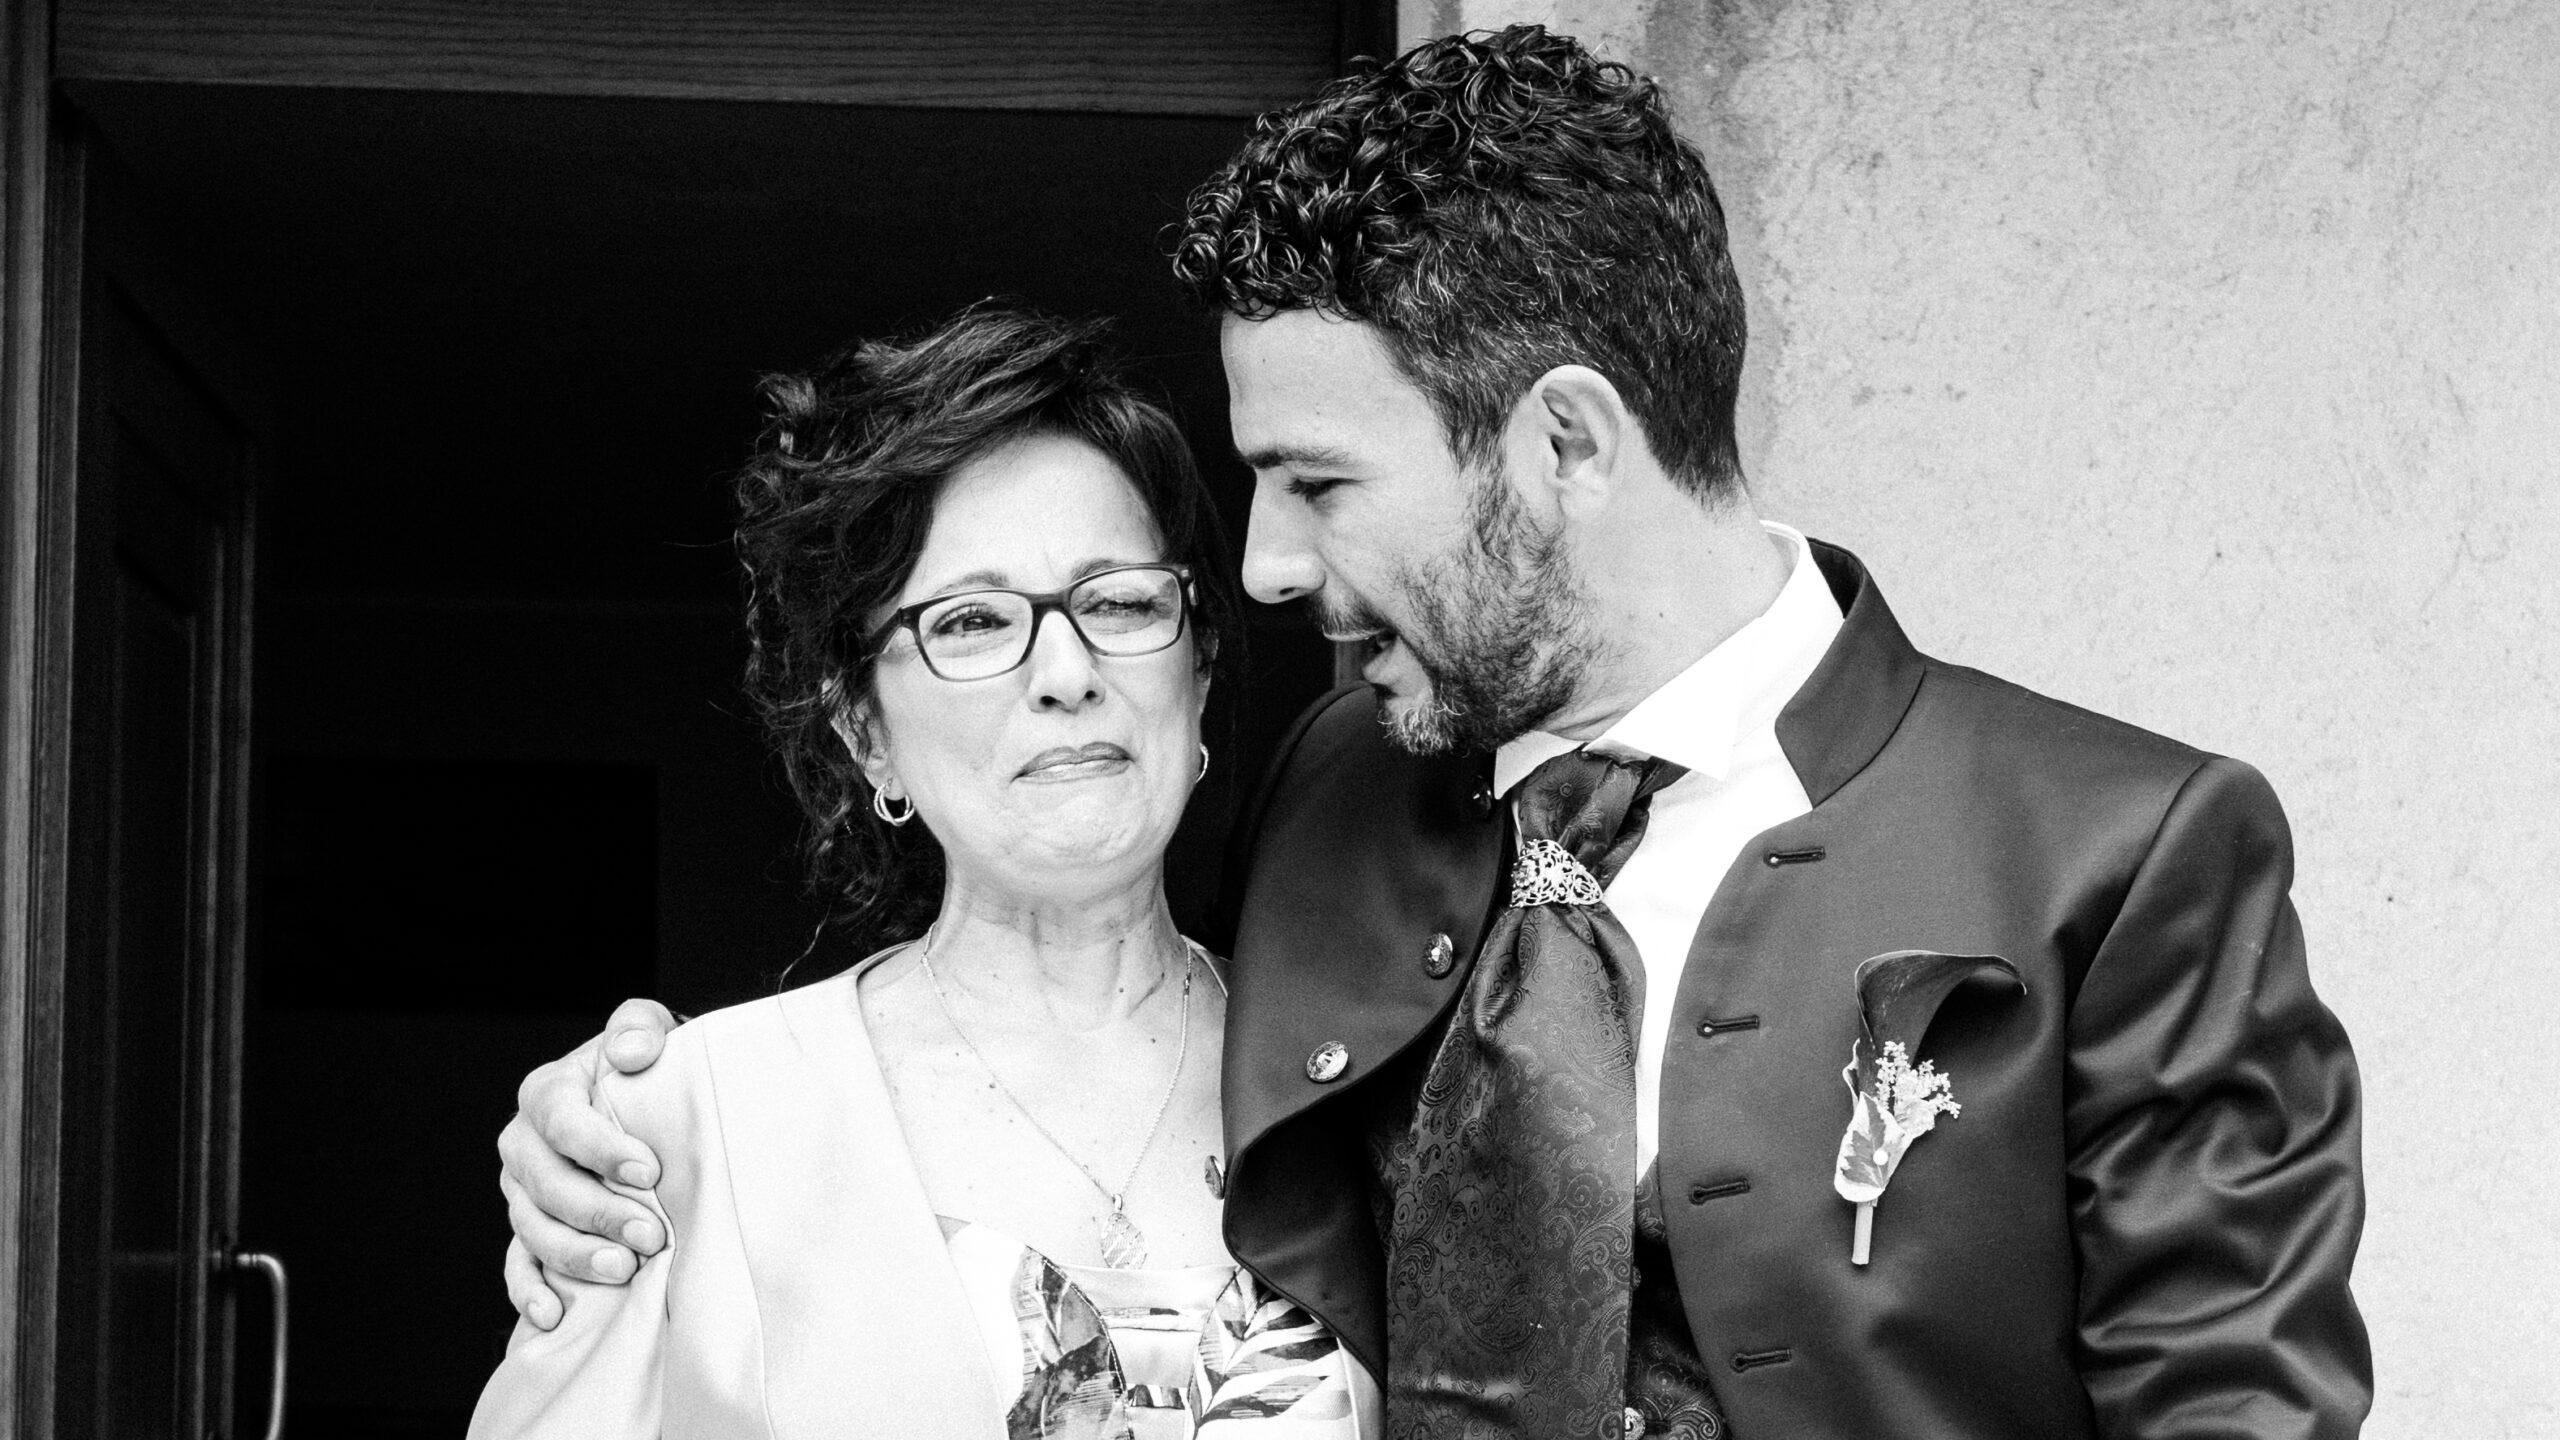 la mamma dello sposo emozionata